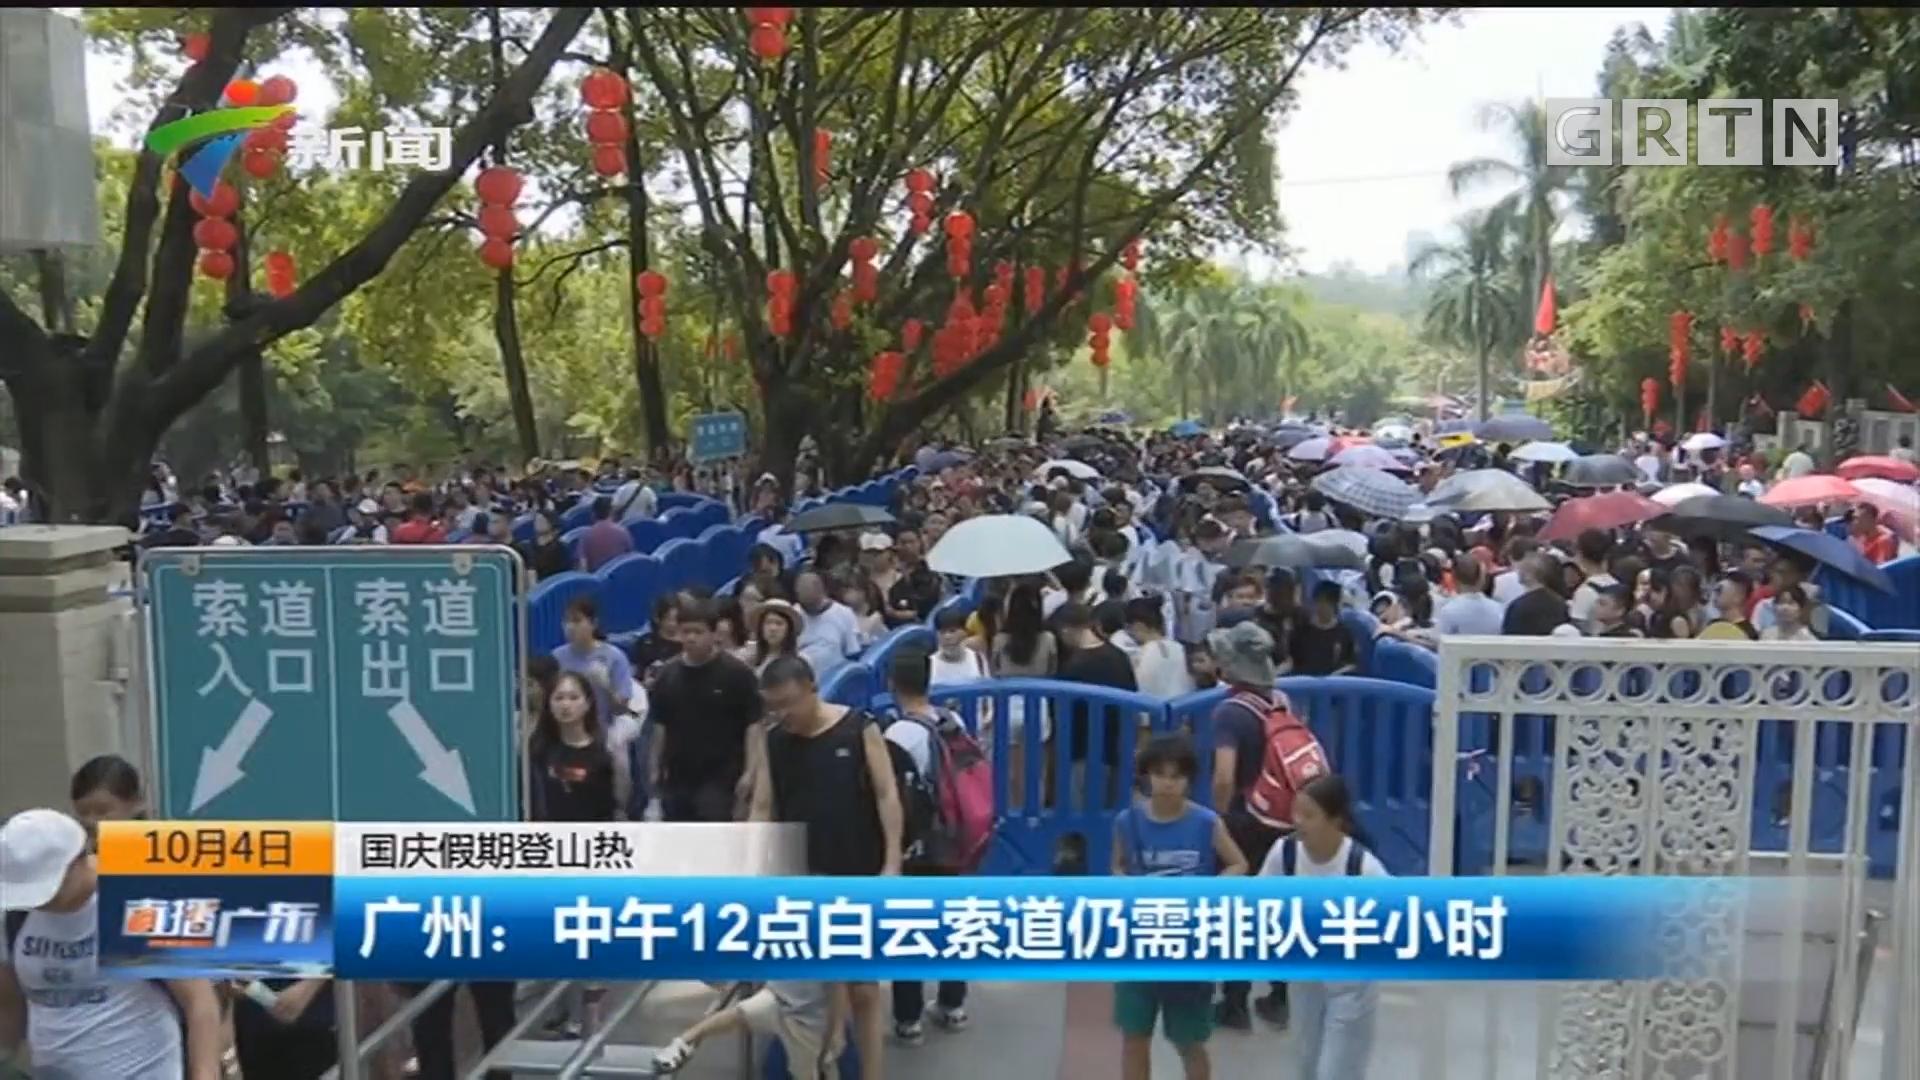 国庆假期登山热 广州:中午12点白云索道仍需排队半小时